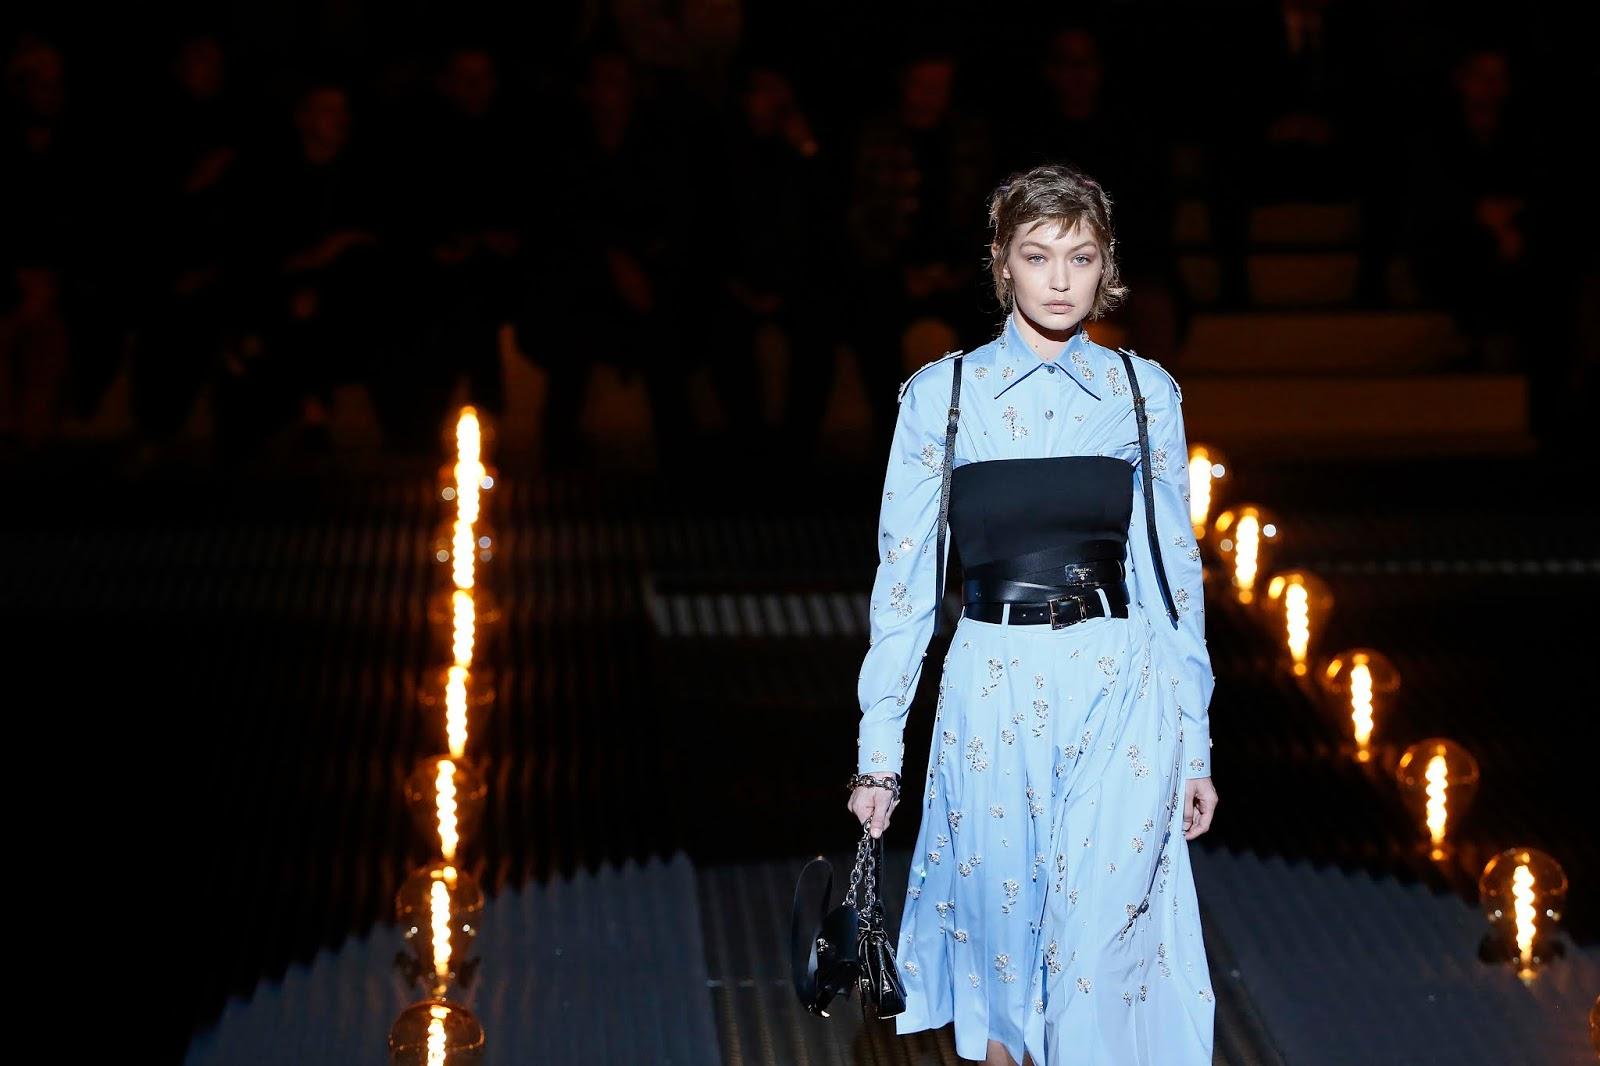 Gigi Hadid - walks the runway at the Prada show - 01/13/2019